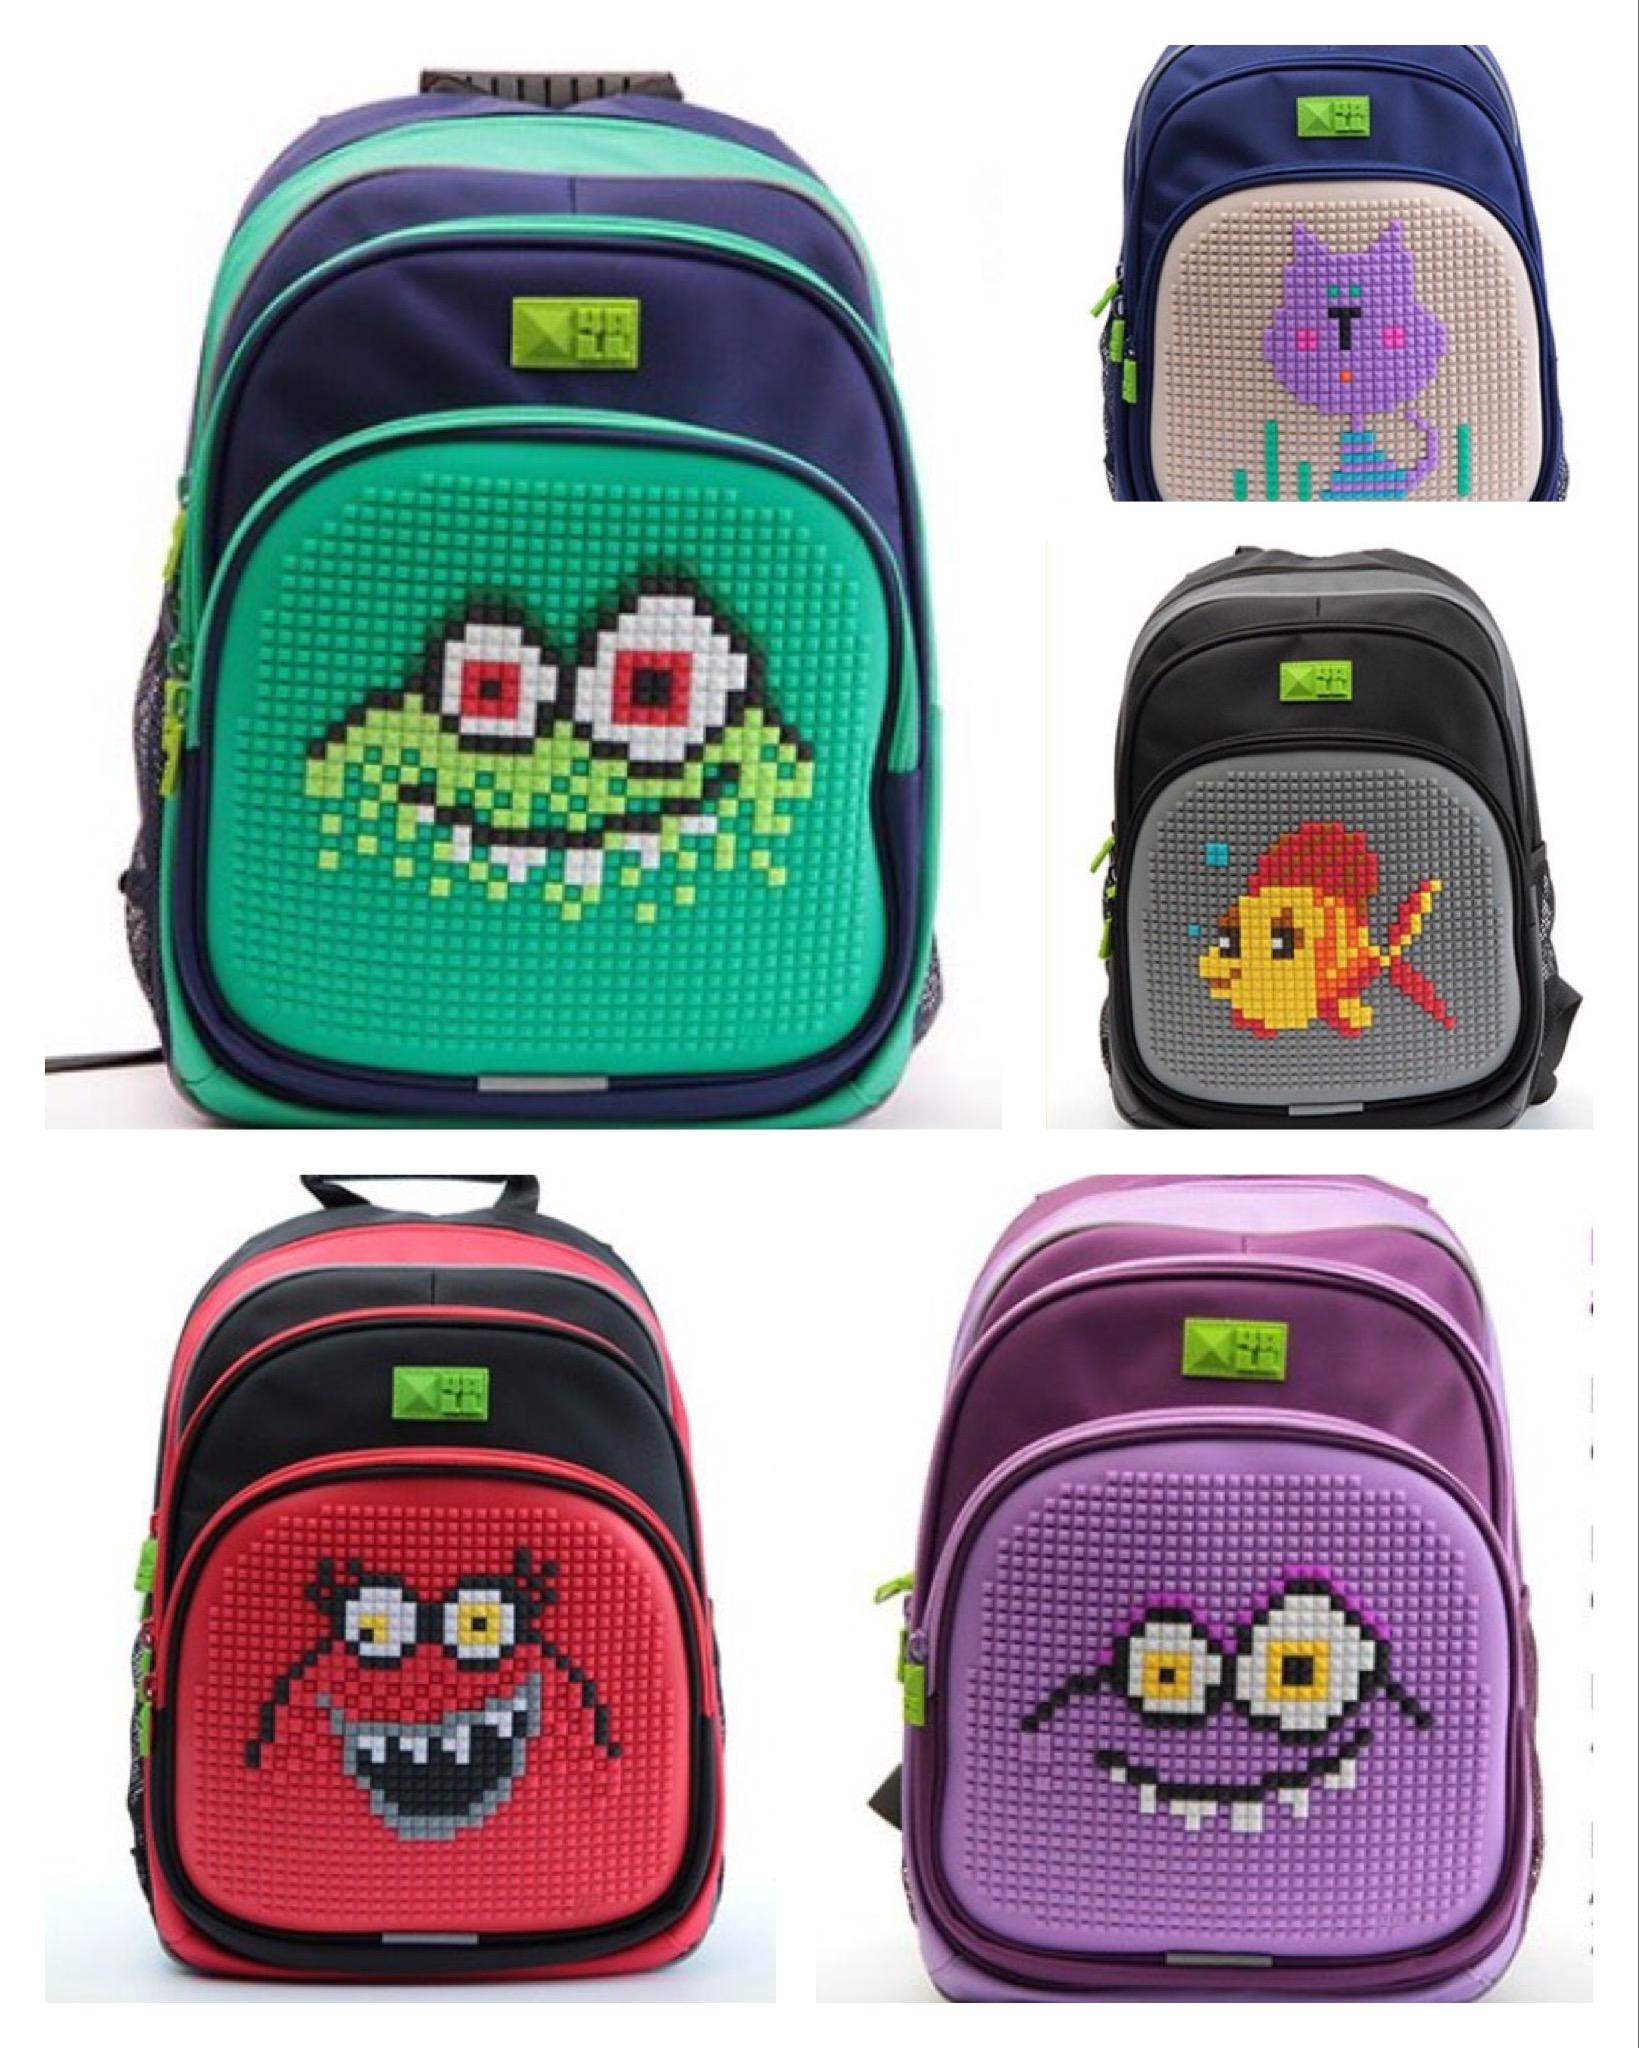 Сбор заказов. Новинка! Школьный рюкзак, который каждый день может быть разным! Создавай, меняйся, удивляй, твори!